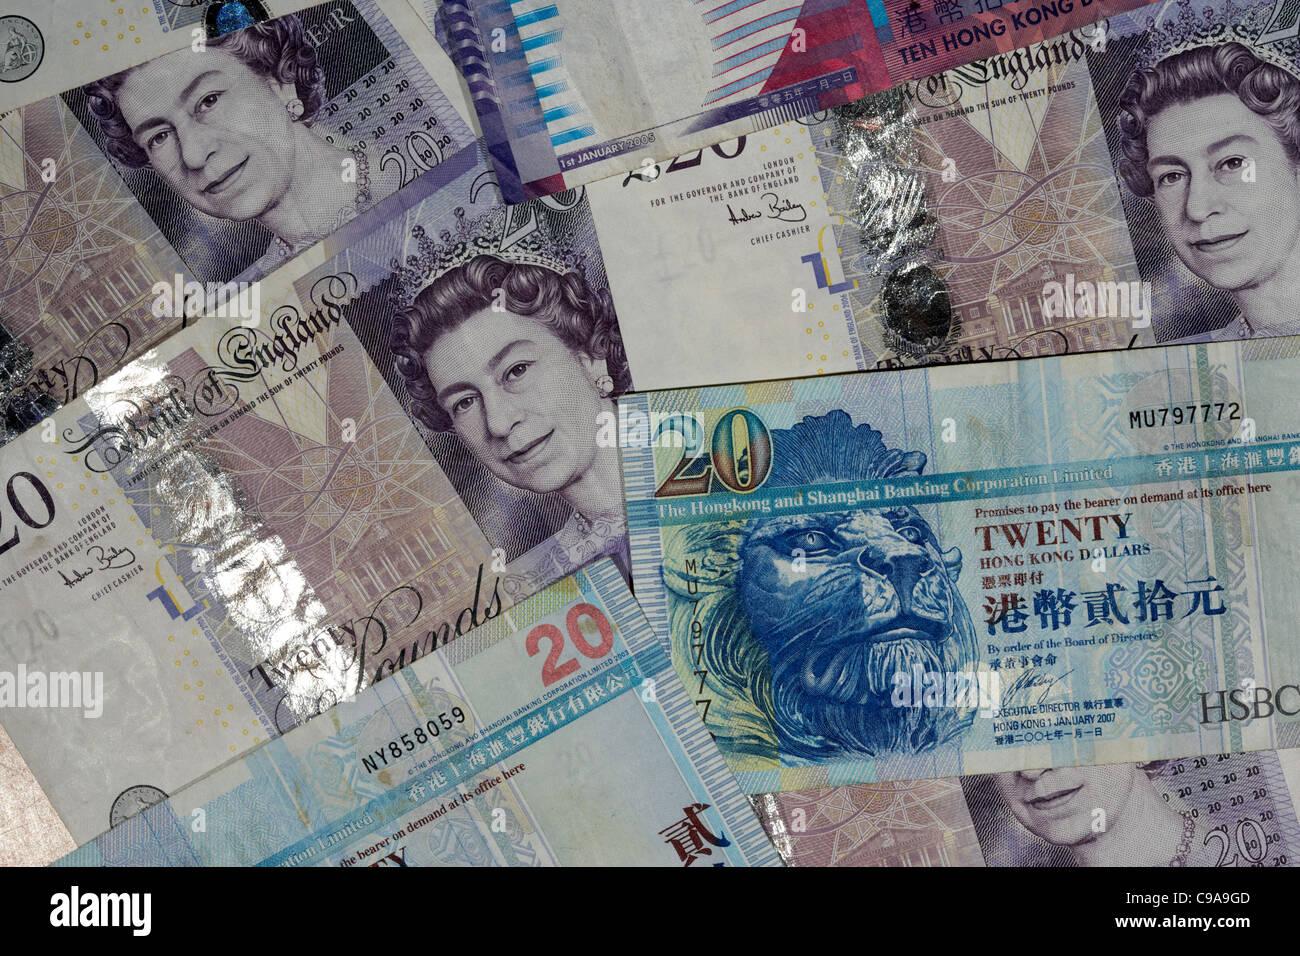 british pounds and hong kong dollars banknotes Stock Photo: 40179677 - Alamy